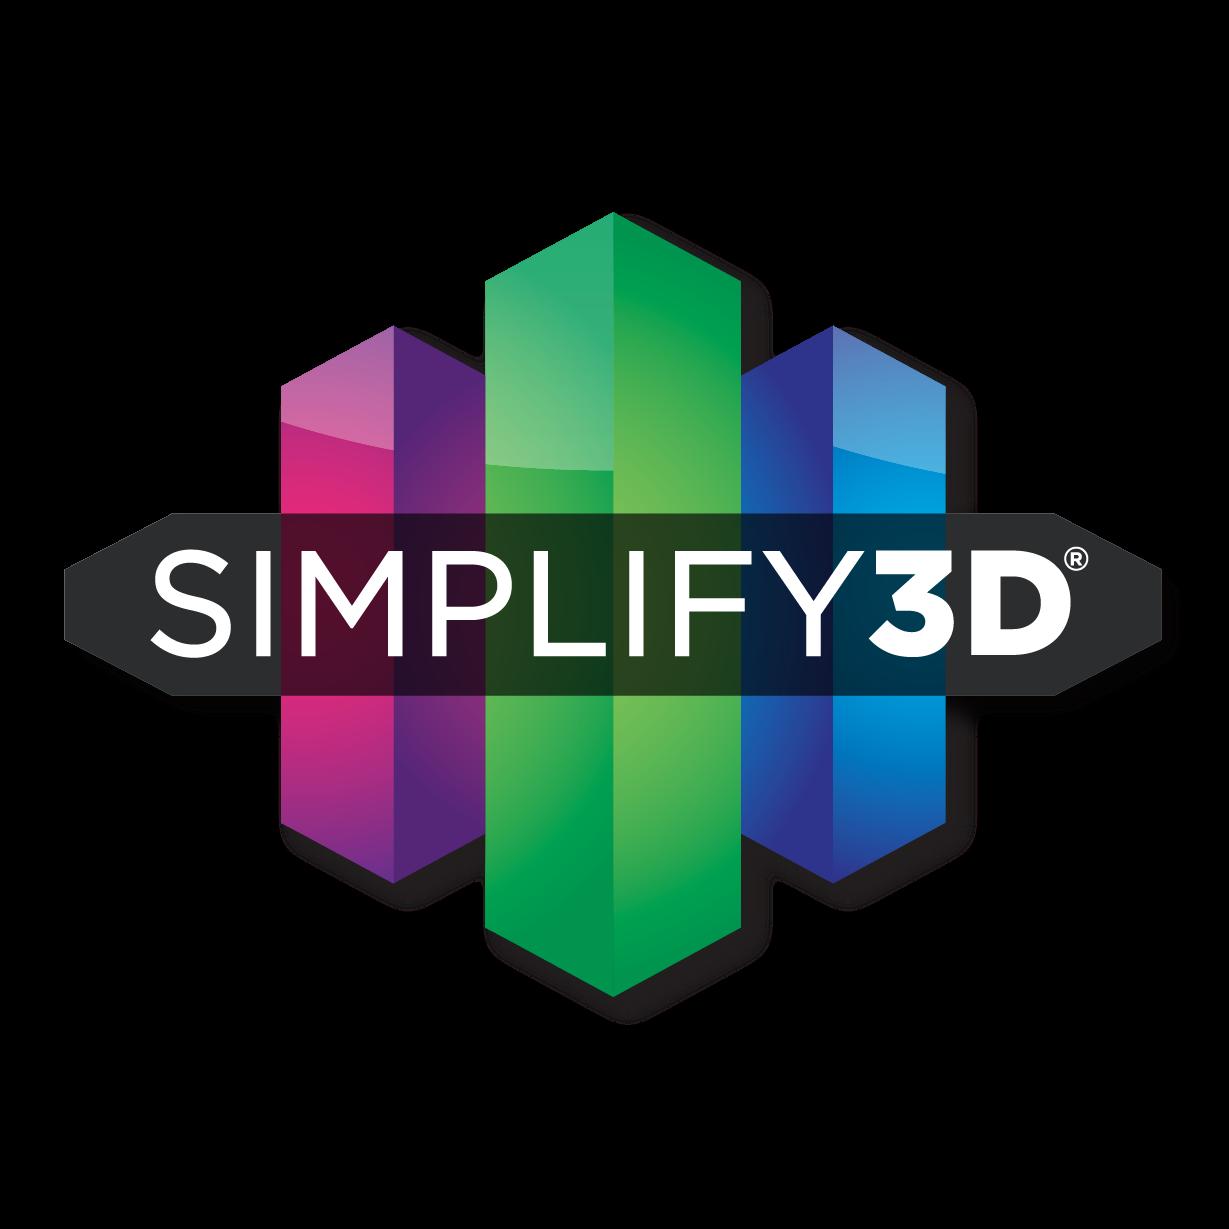 Simplify3D (@Simplify3D) on Twitter